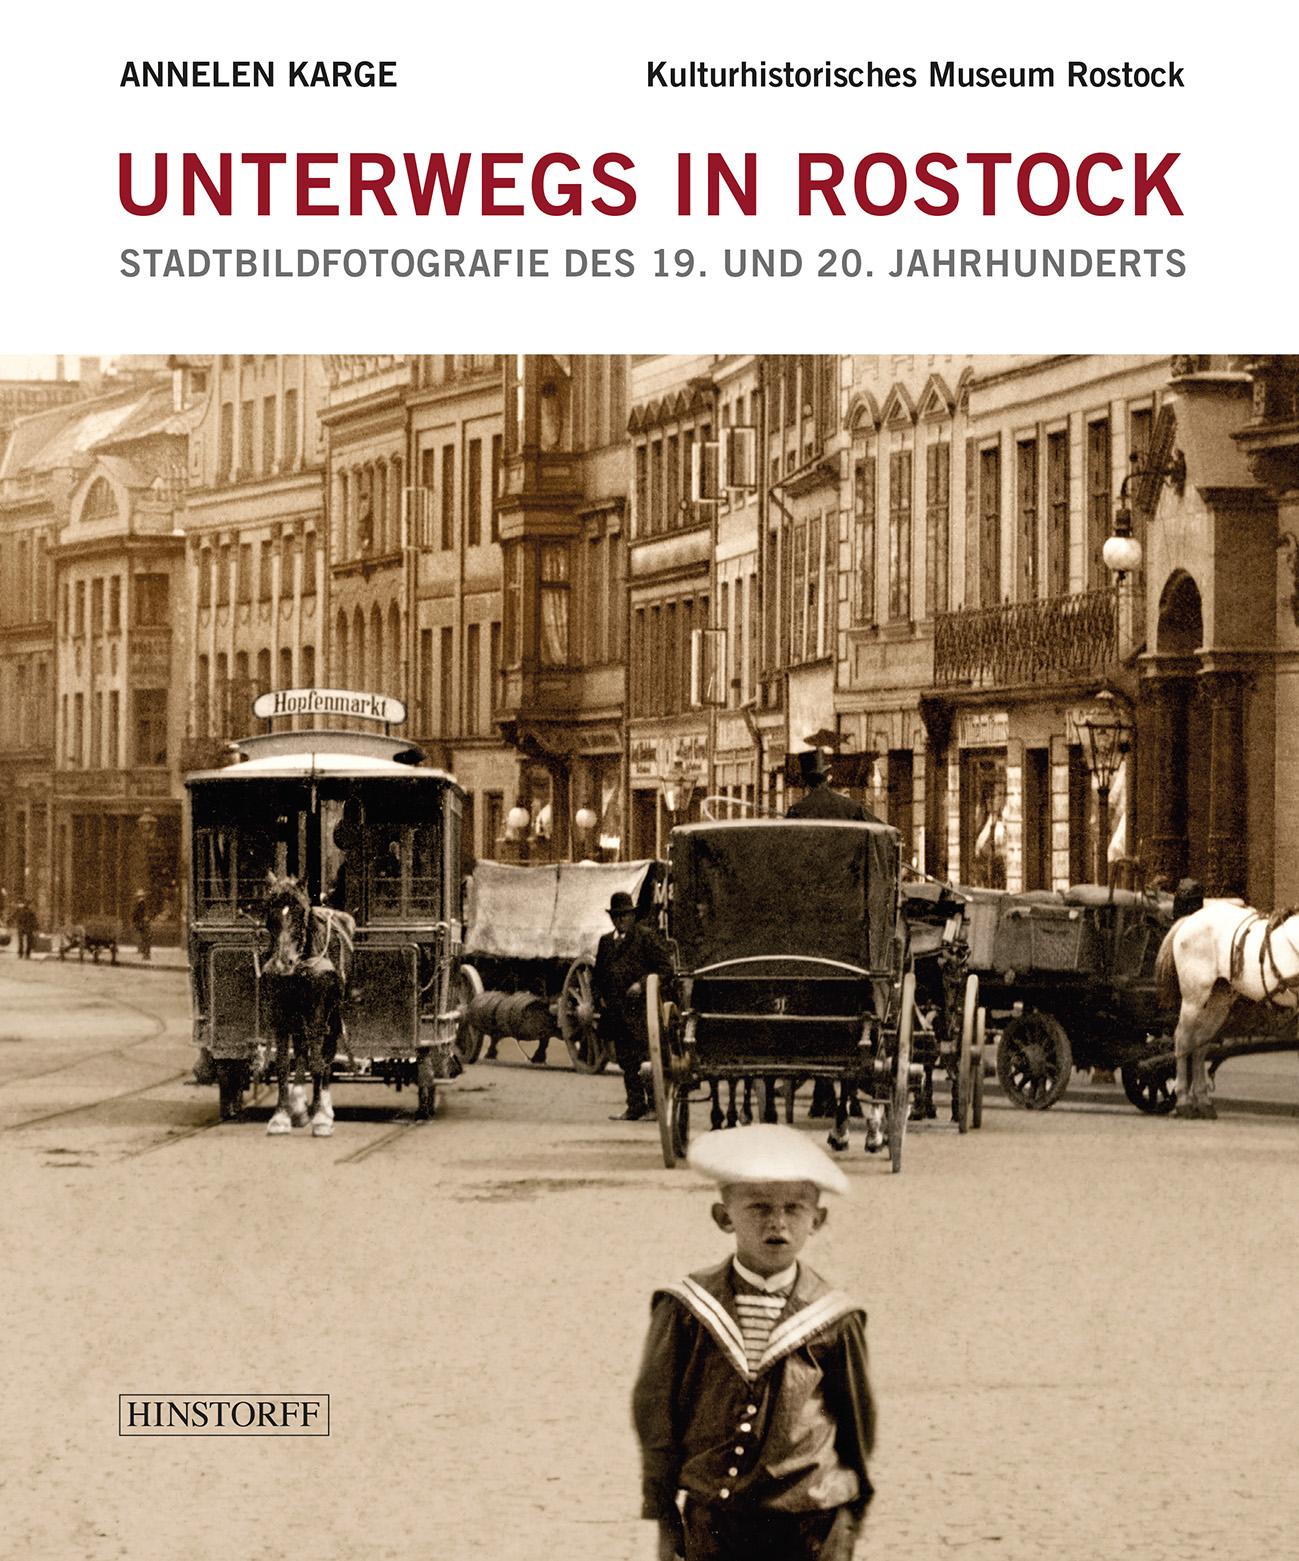 Unterwegs in Rostock. Stadtbildfotografie des 19. und 20. Jahrhunderts